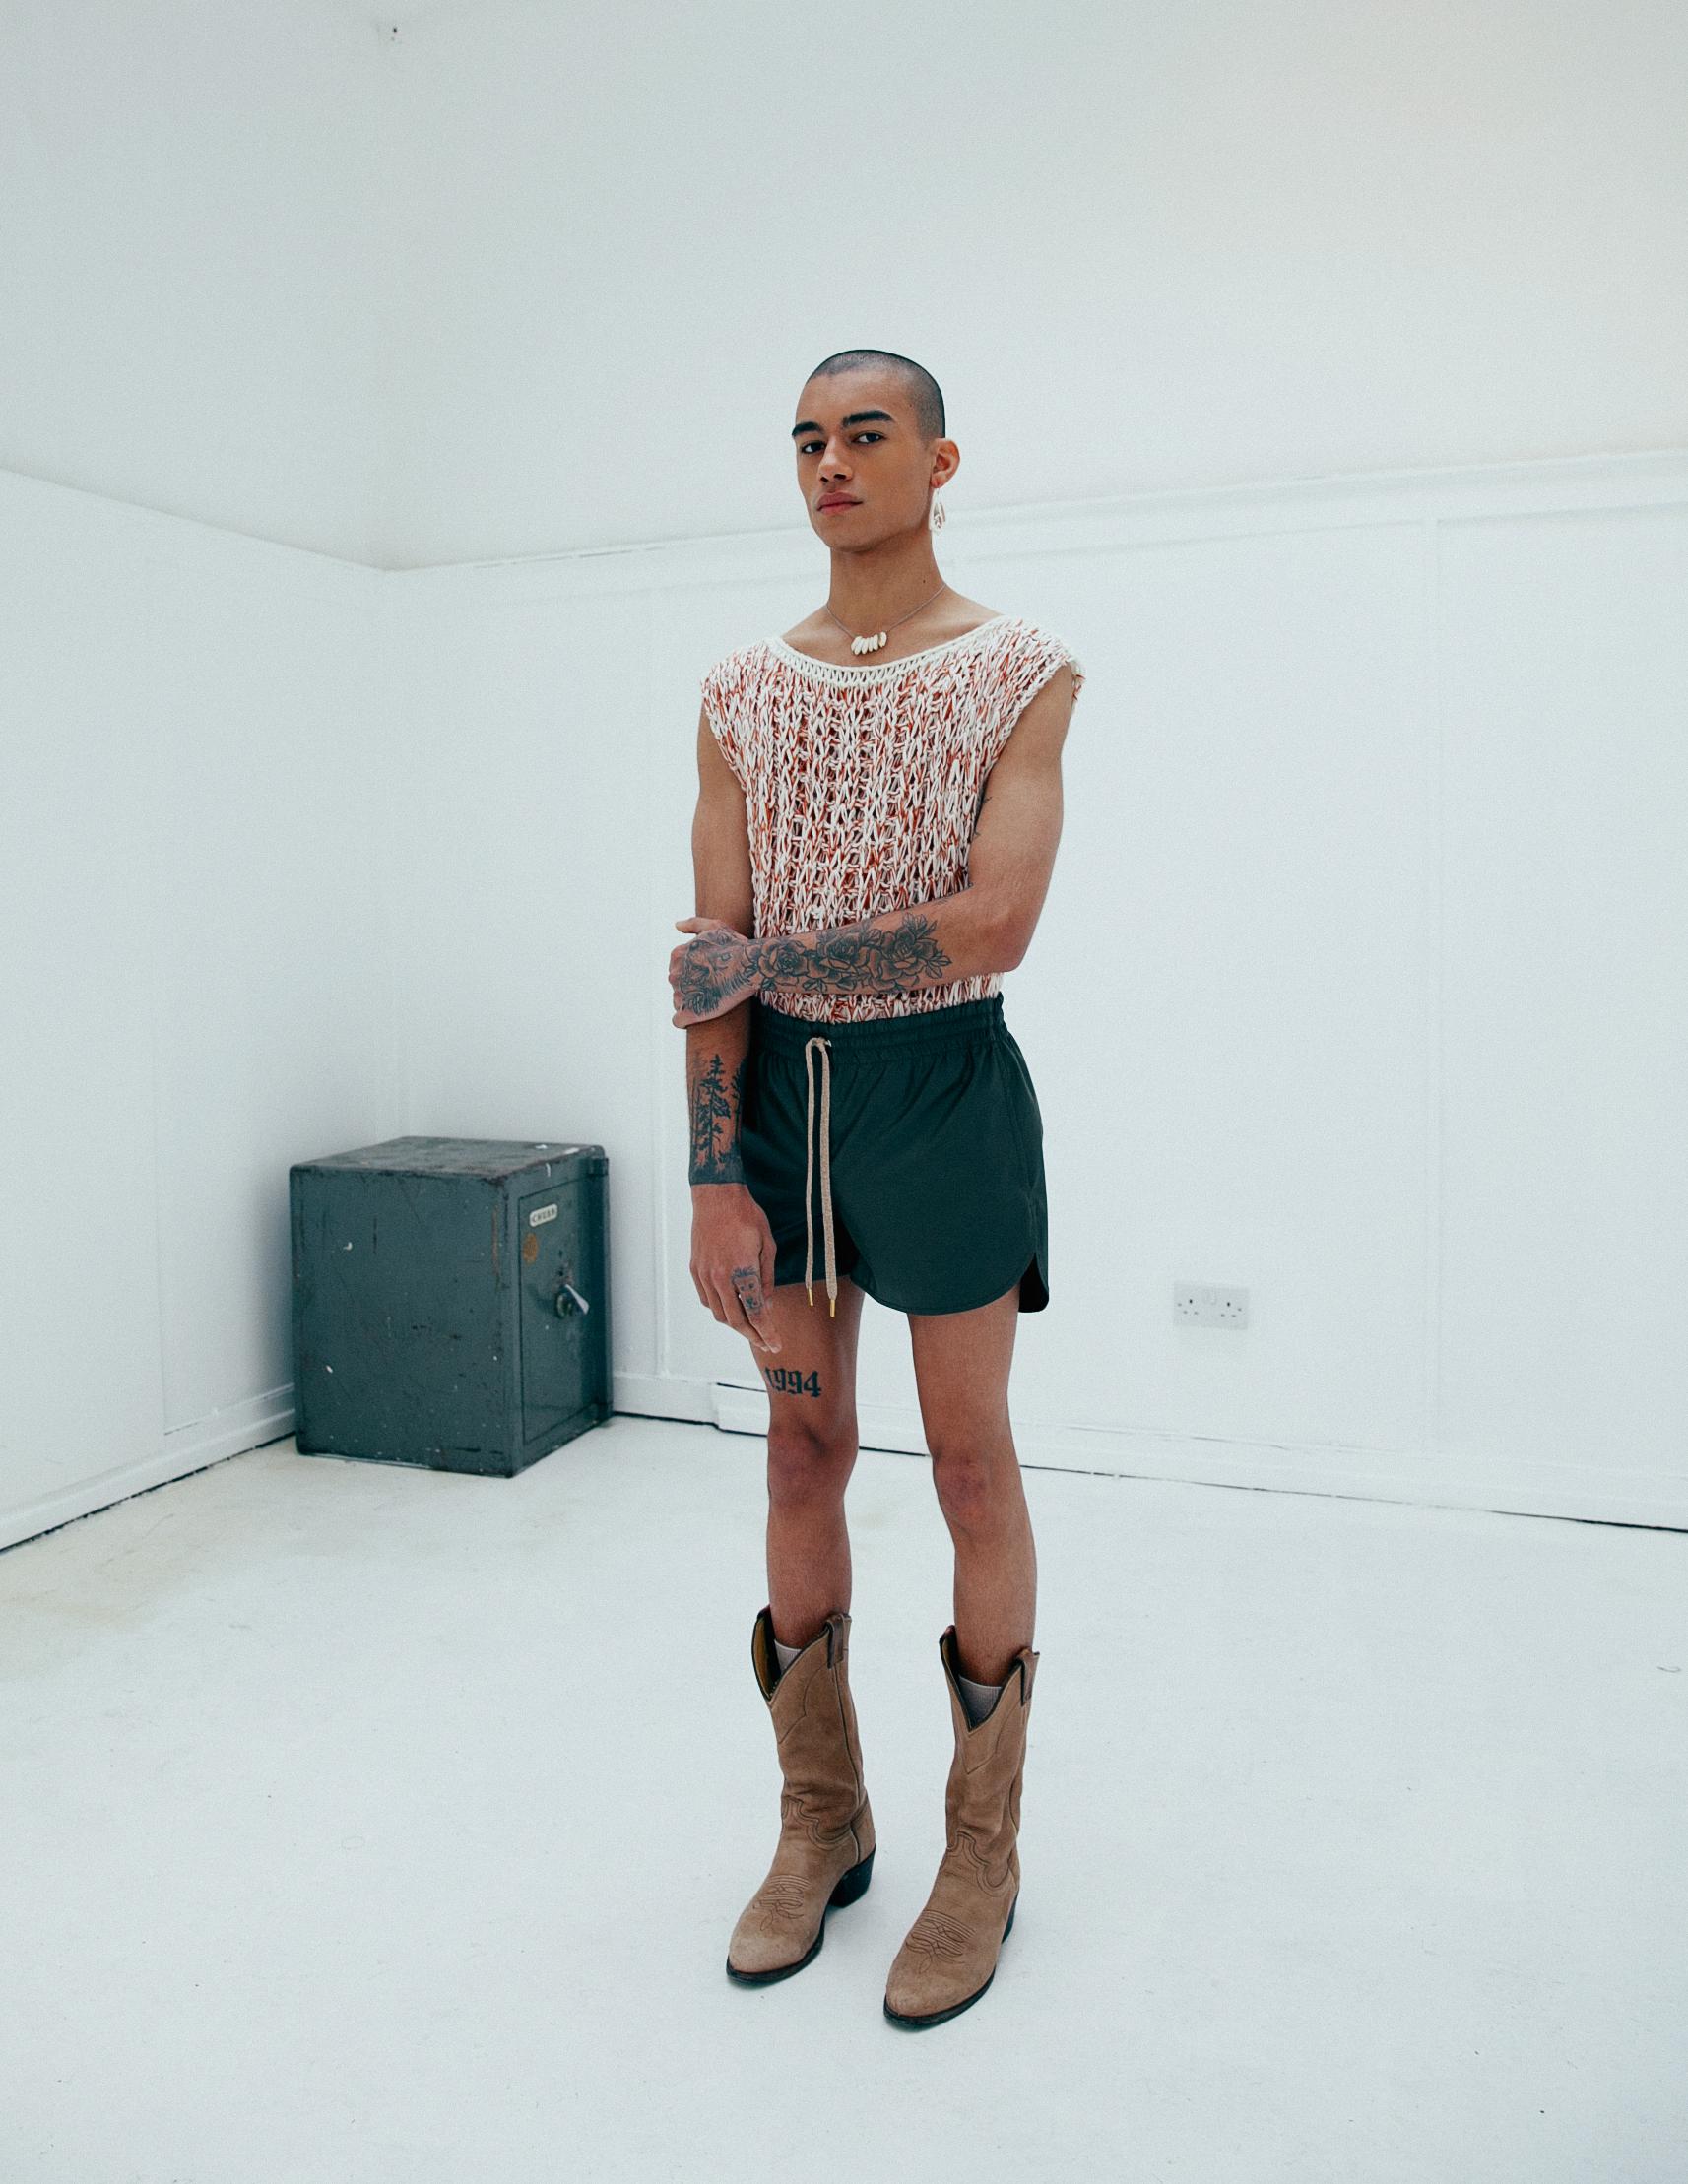 White Knit Top: Market Carter | Shorts: Julian Zigerli | Boots: Window 00 | Jewelry: Stylist's Own